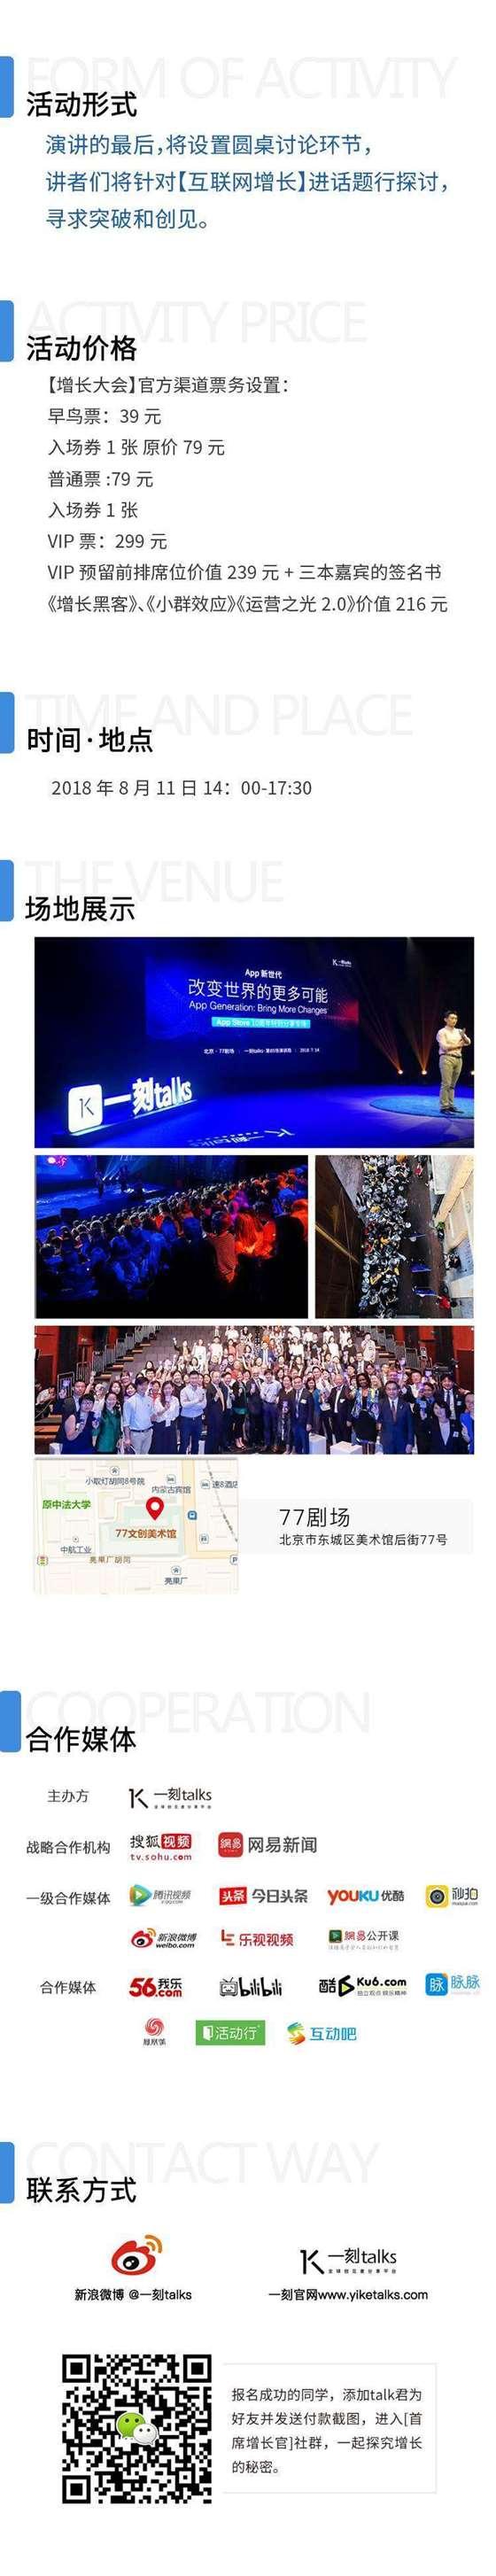 app活动详情页-互联网增长大会qie3_03.jpg